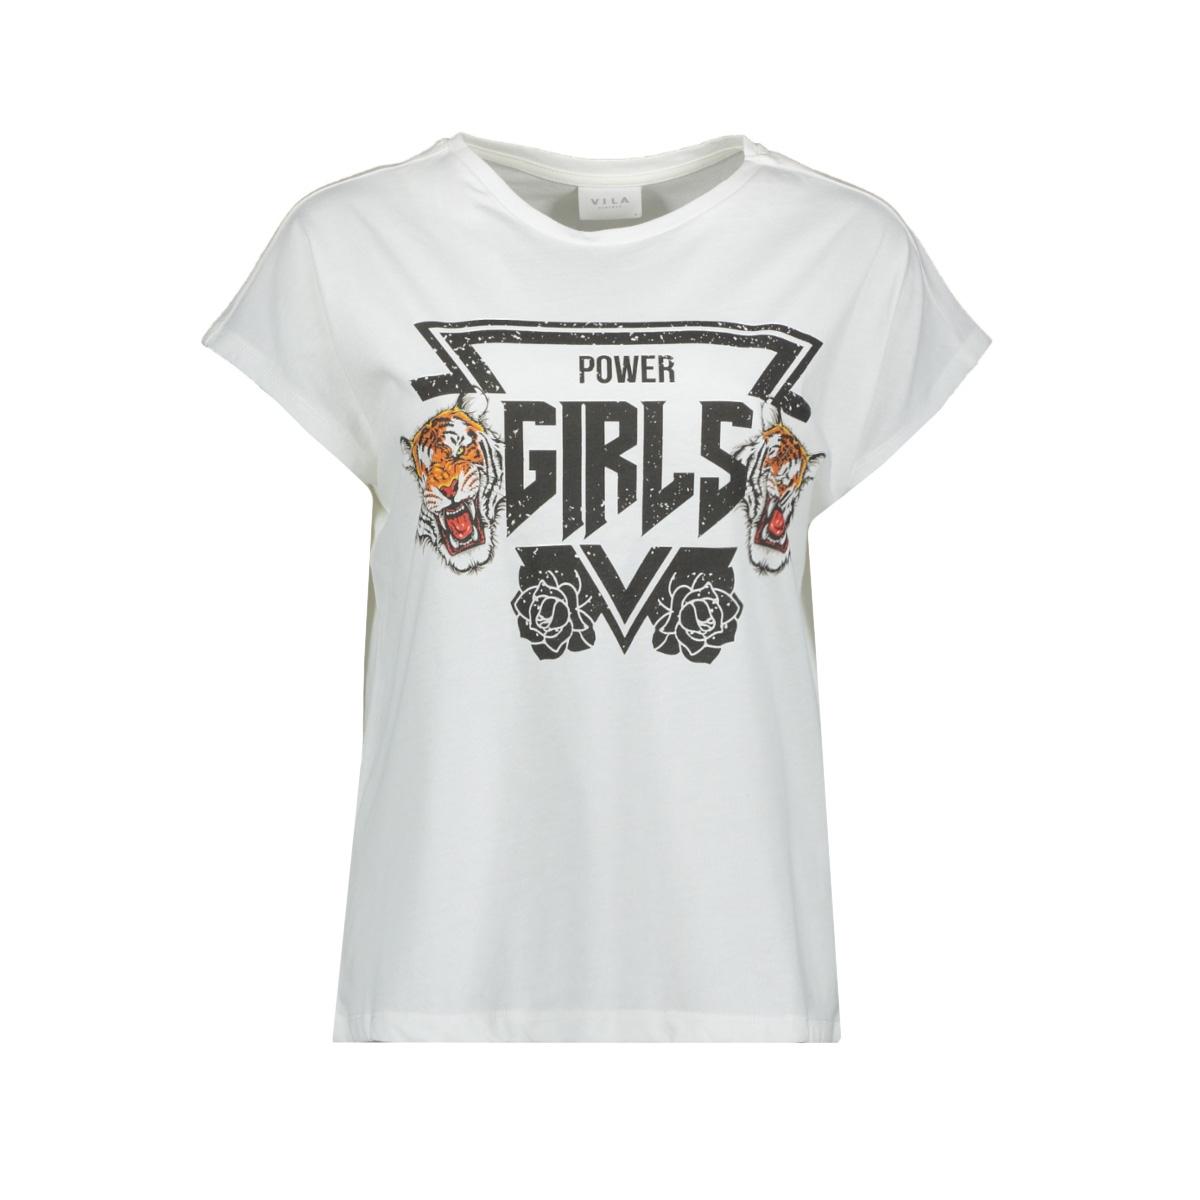 viculla t-shirt /rx 14056329 vila t-shirt cloud dancer/power girls